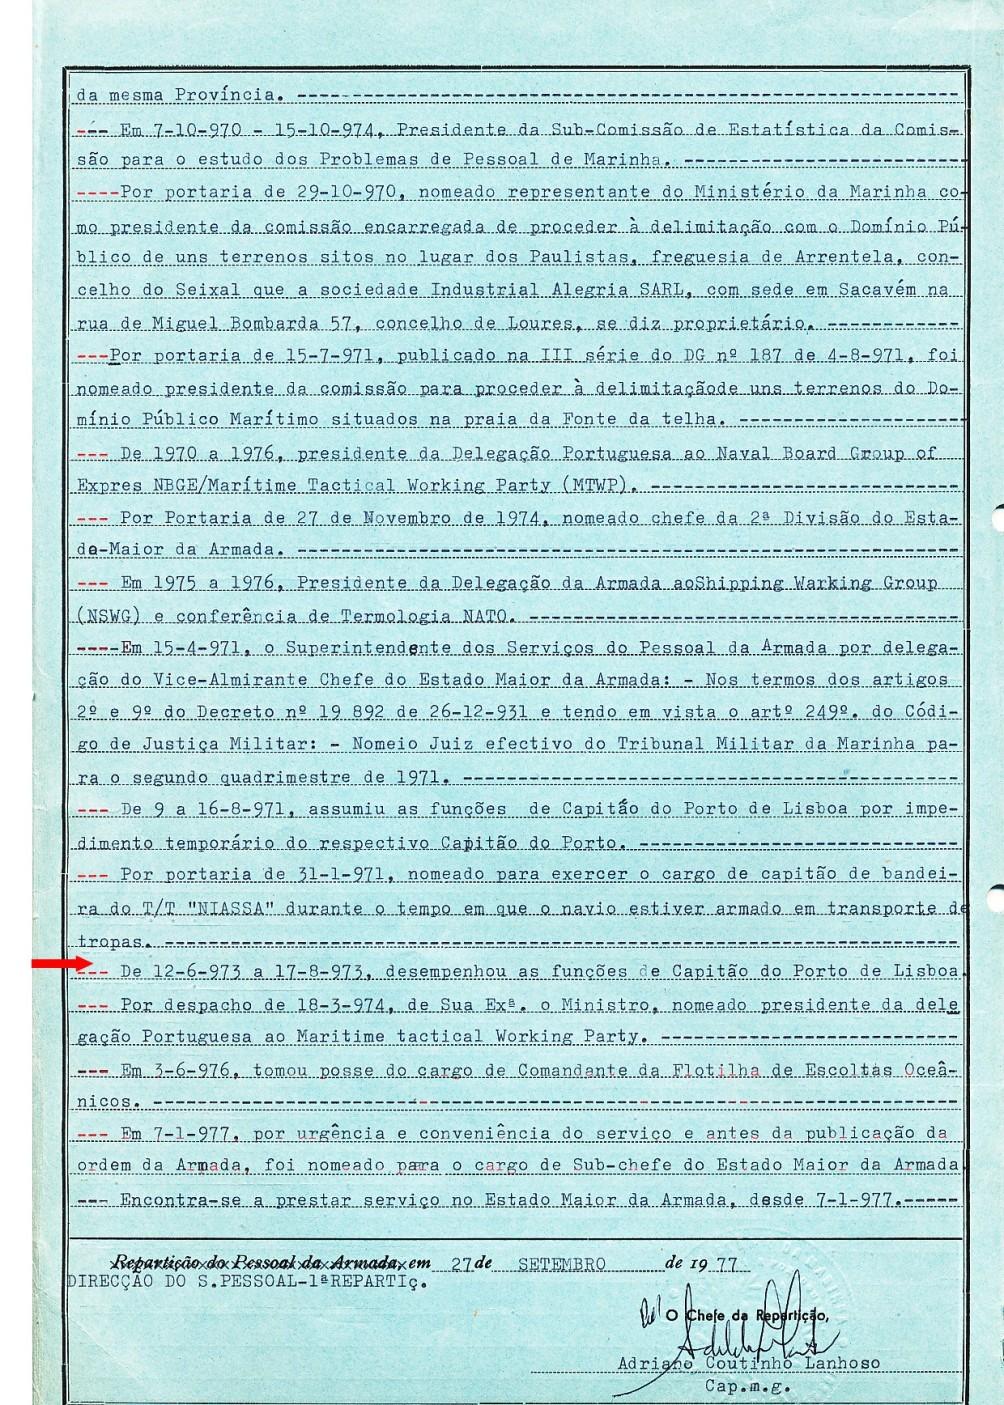 00629 Desempenhei as funções de Capitão do Porto de Lisboa de 12-6 a 17-7-1973 - Nota de Assentamentos